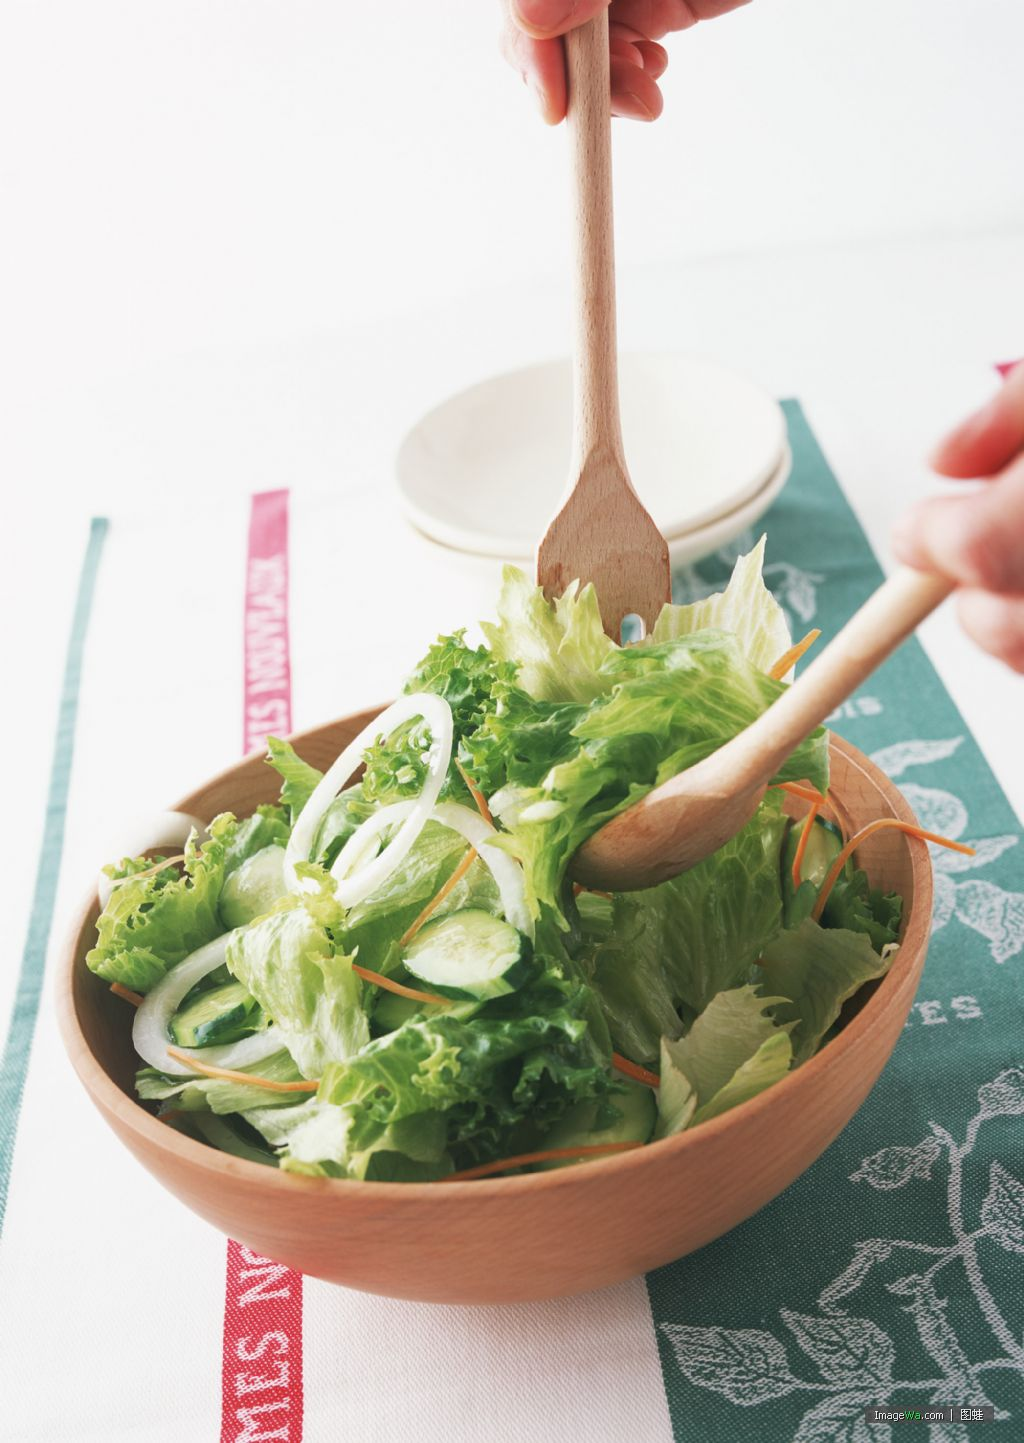 2)在吃午餐或晚餐之前先吃蔬菜